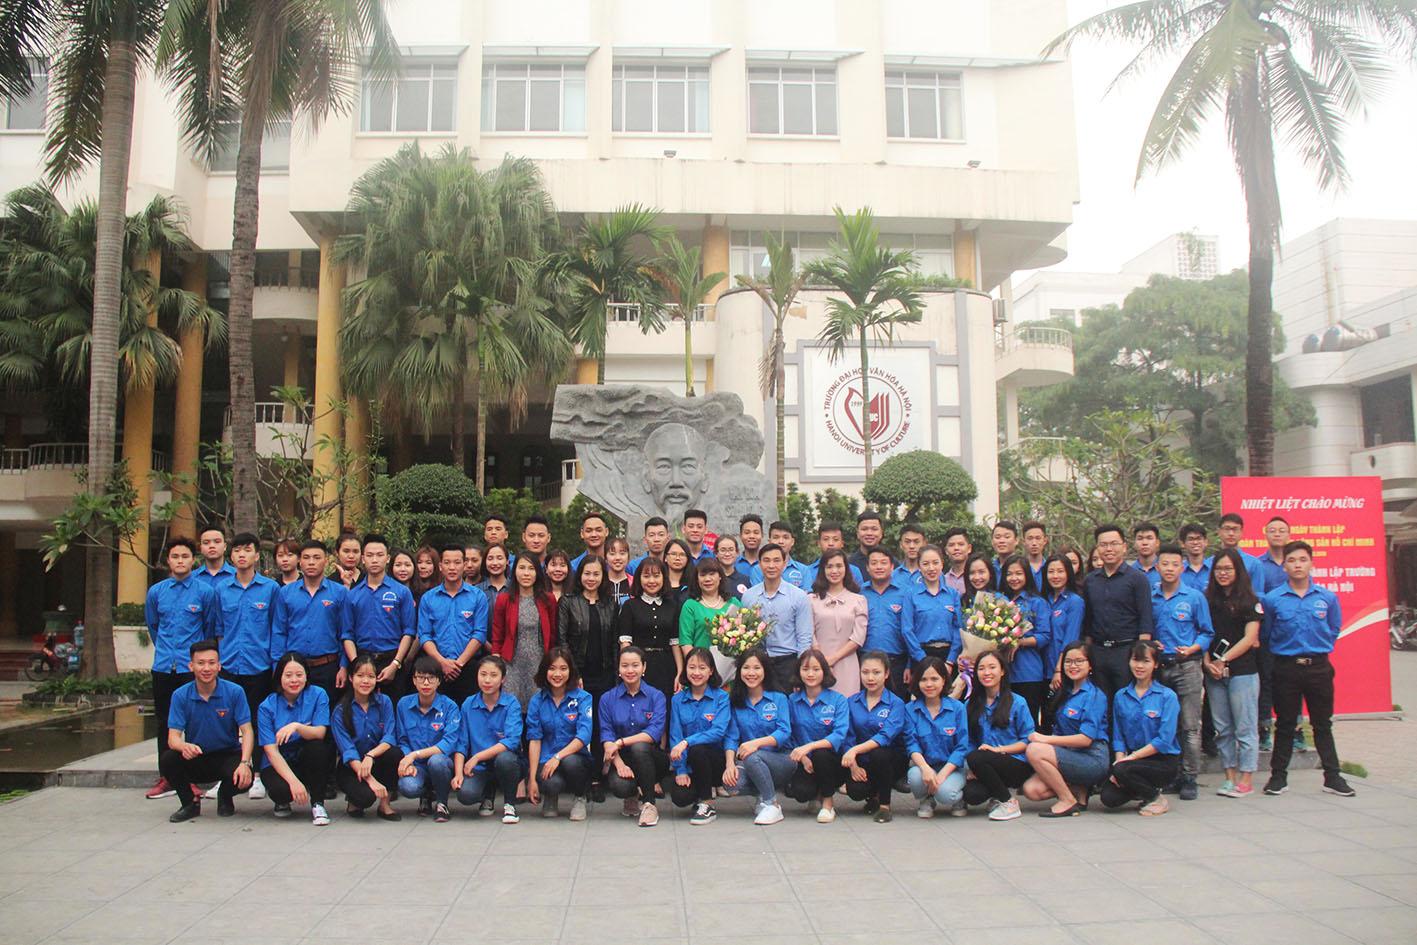 Đoàn TNCS Hồ Chí Minh Trường Đại học Văn hóa Hà Nội tặng ghế đá cho Nhà trường